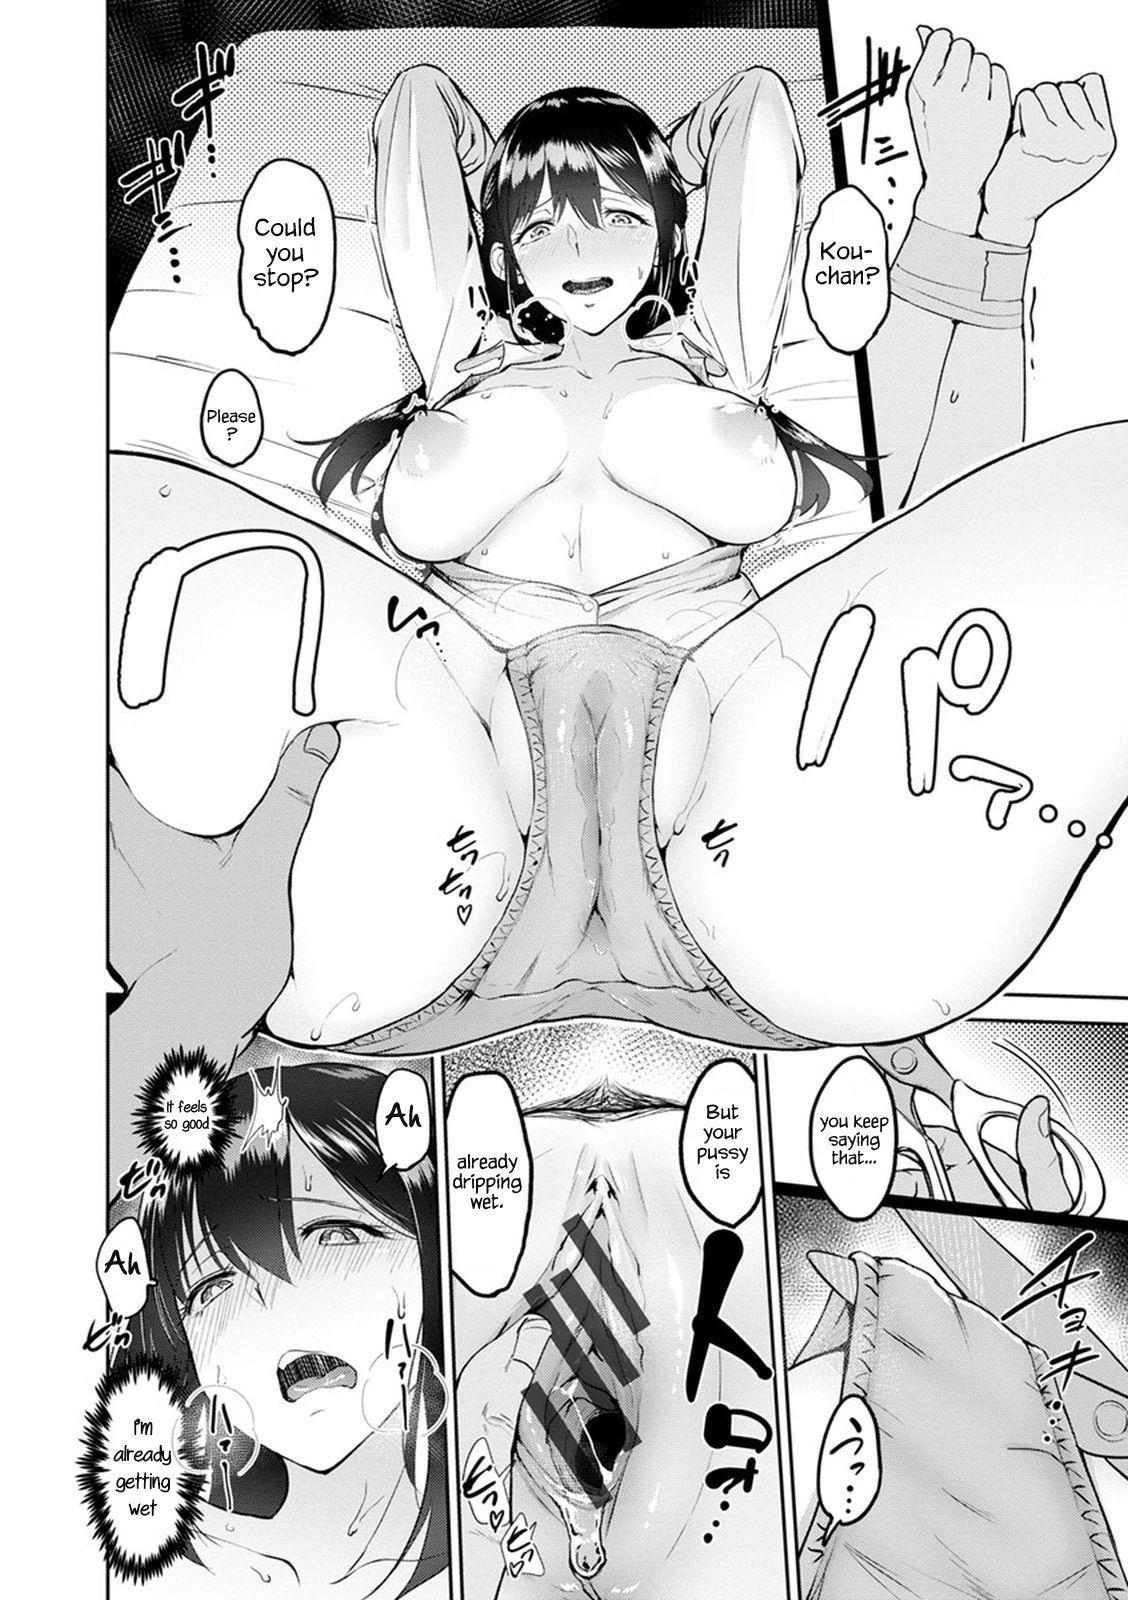 [bifidus] Yuri-nee to no Shujuu Kankei | Master and Slave relationship with Yuri-nee (Kimi o Sasou Uzuki Ana) [English] [Redlantern] [Digital] 11